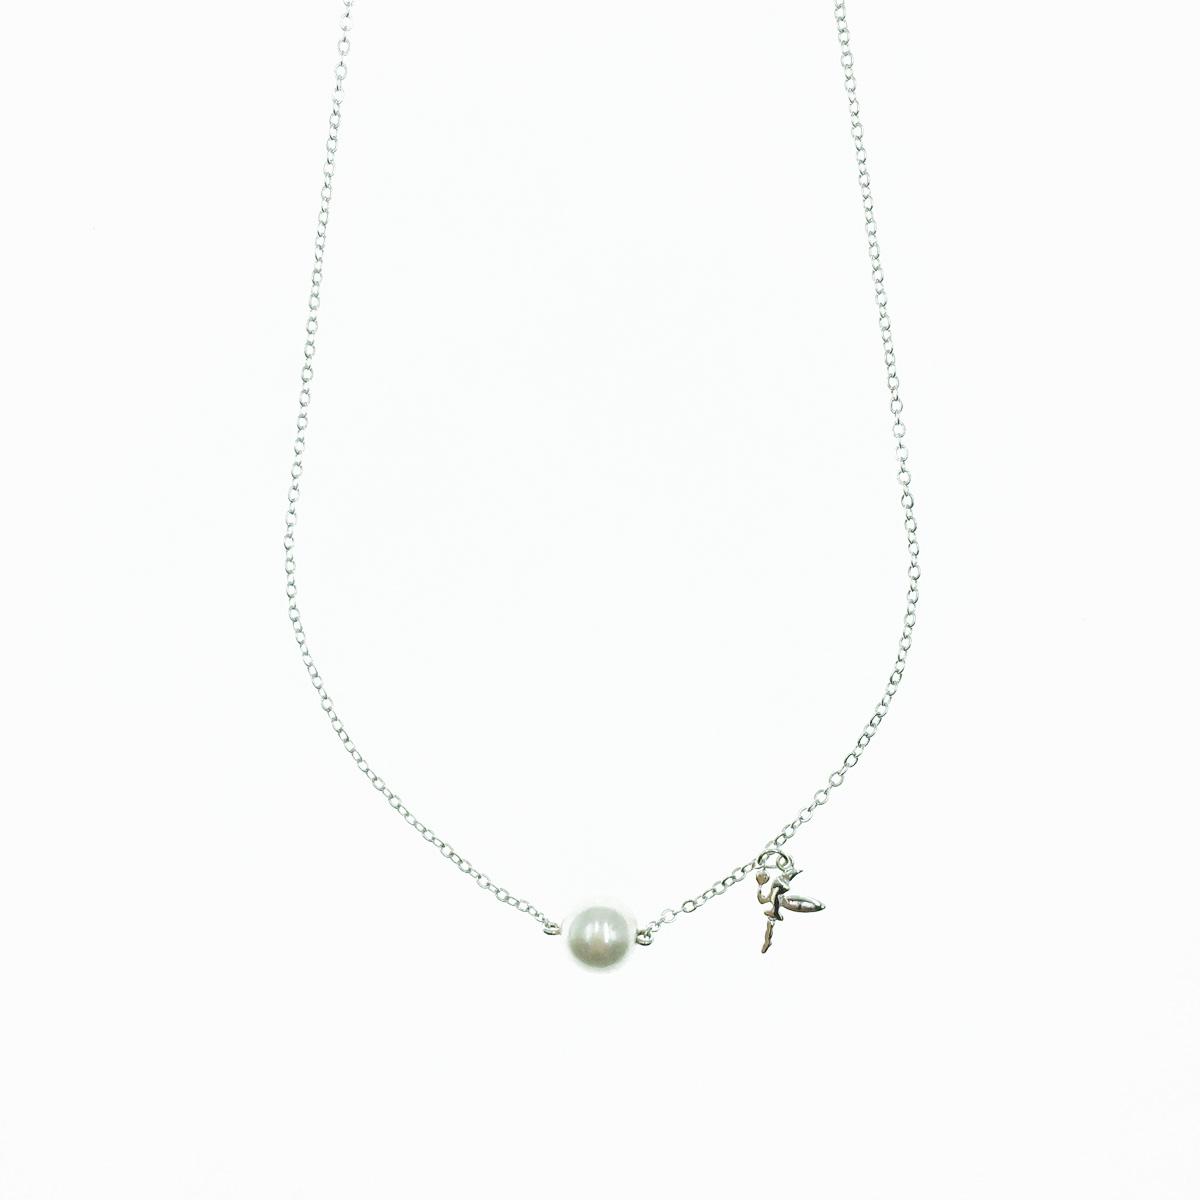 韓國 金屬造型 精靈 珍珠 甜美百搭 項鍊